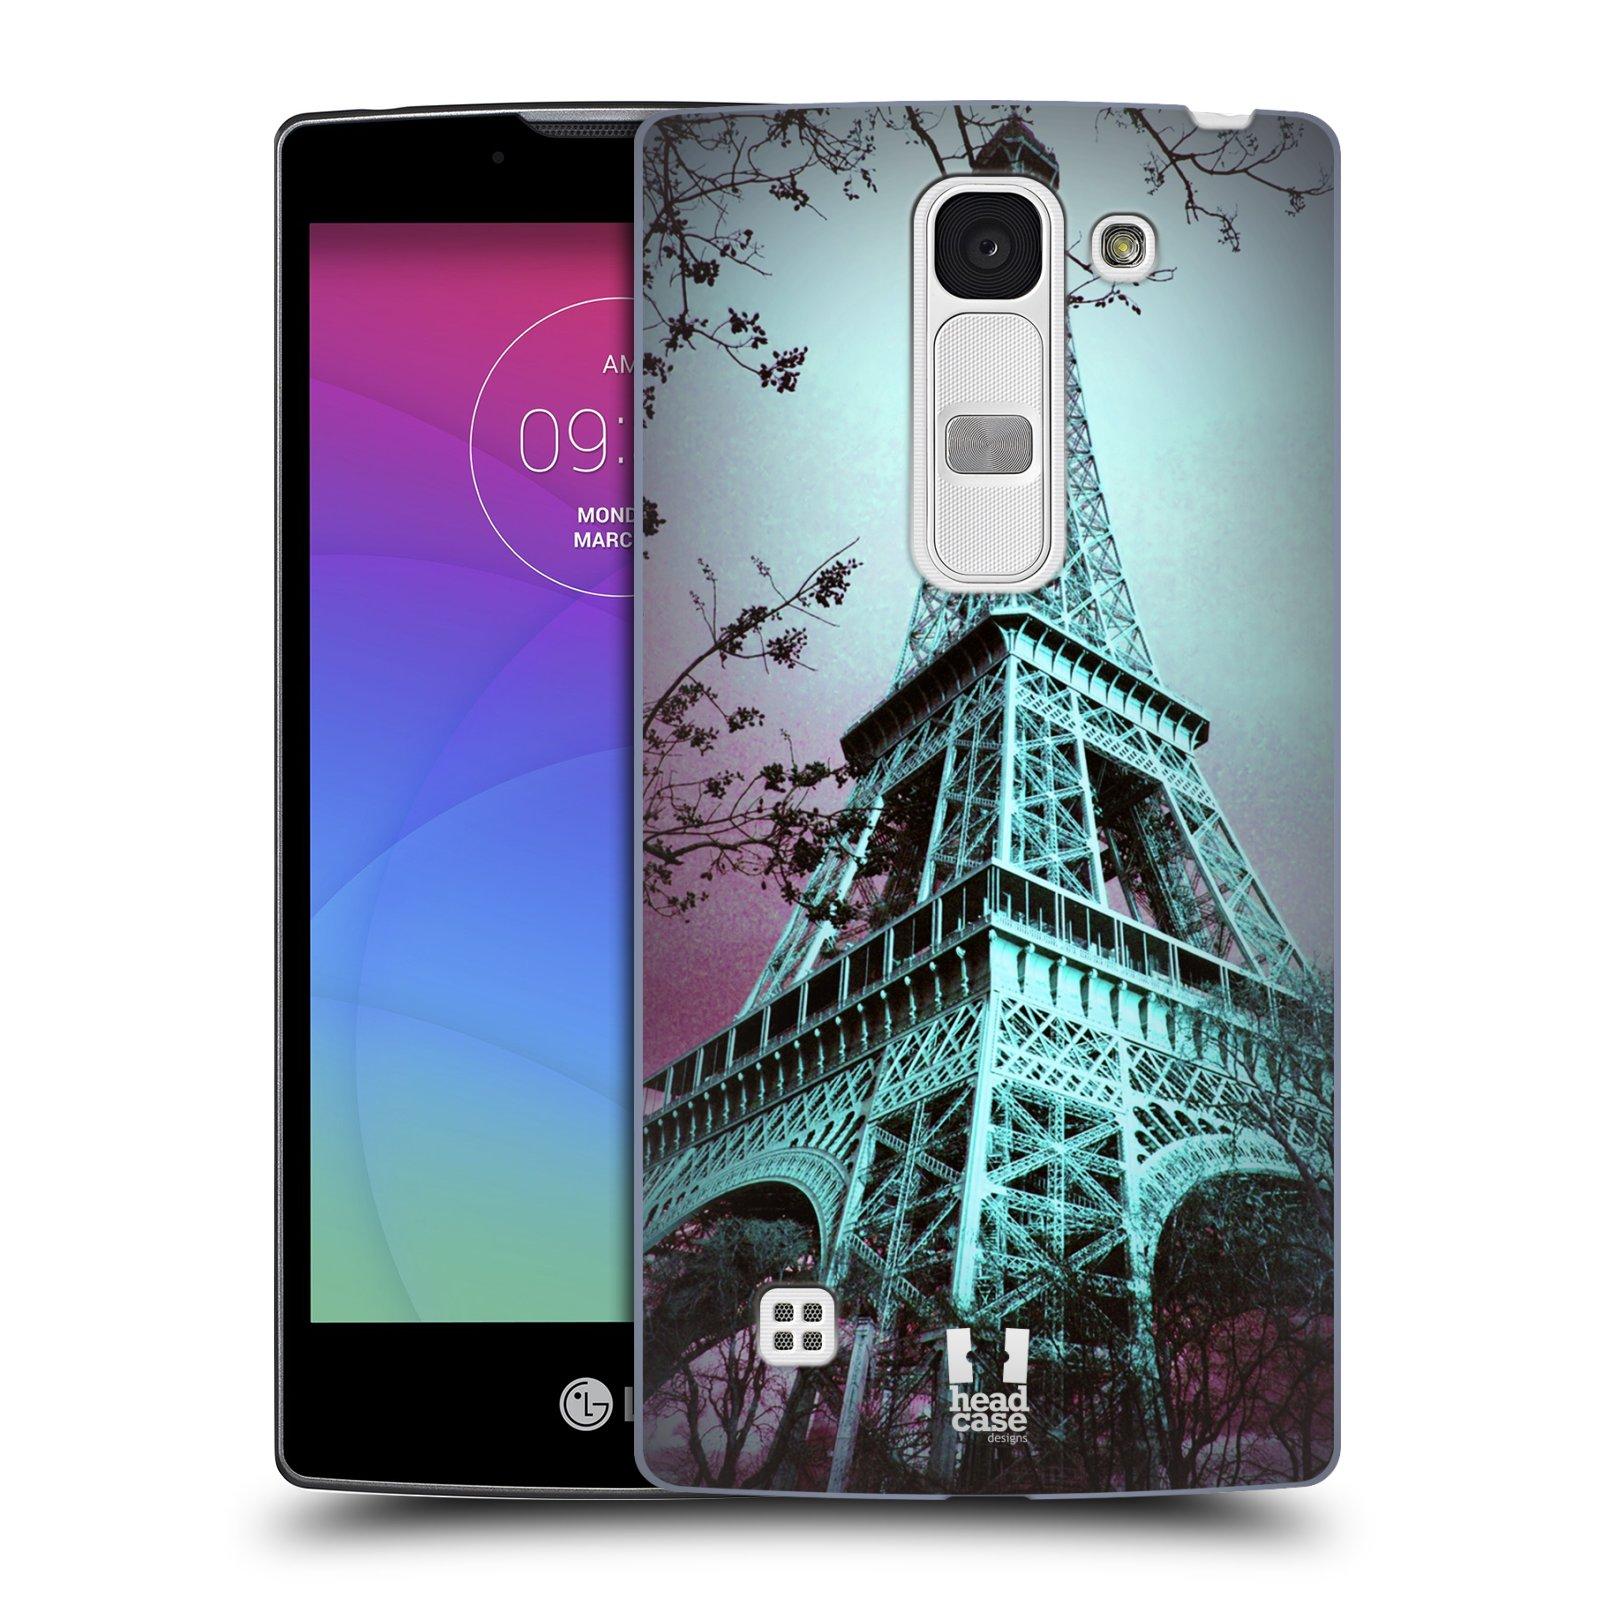 Plastové pouzdro na mobil LG Spirit LTE HEAD CASE RŮŽOVOMODRÁ AIFELOVKA (Kryt či obal na mobilní telefon LG Spirit H420 a LG Spirit LTE H440N)